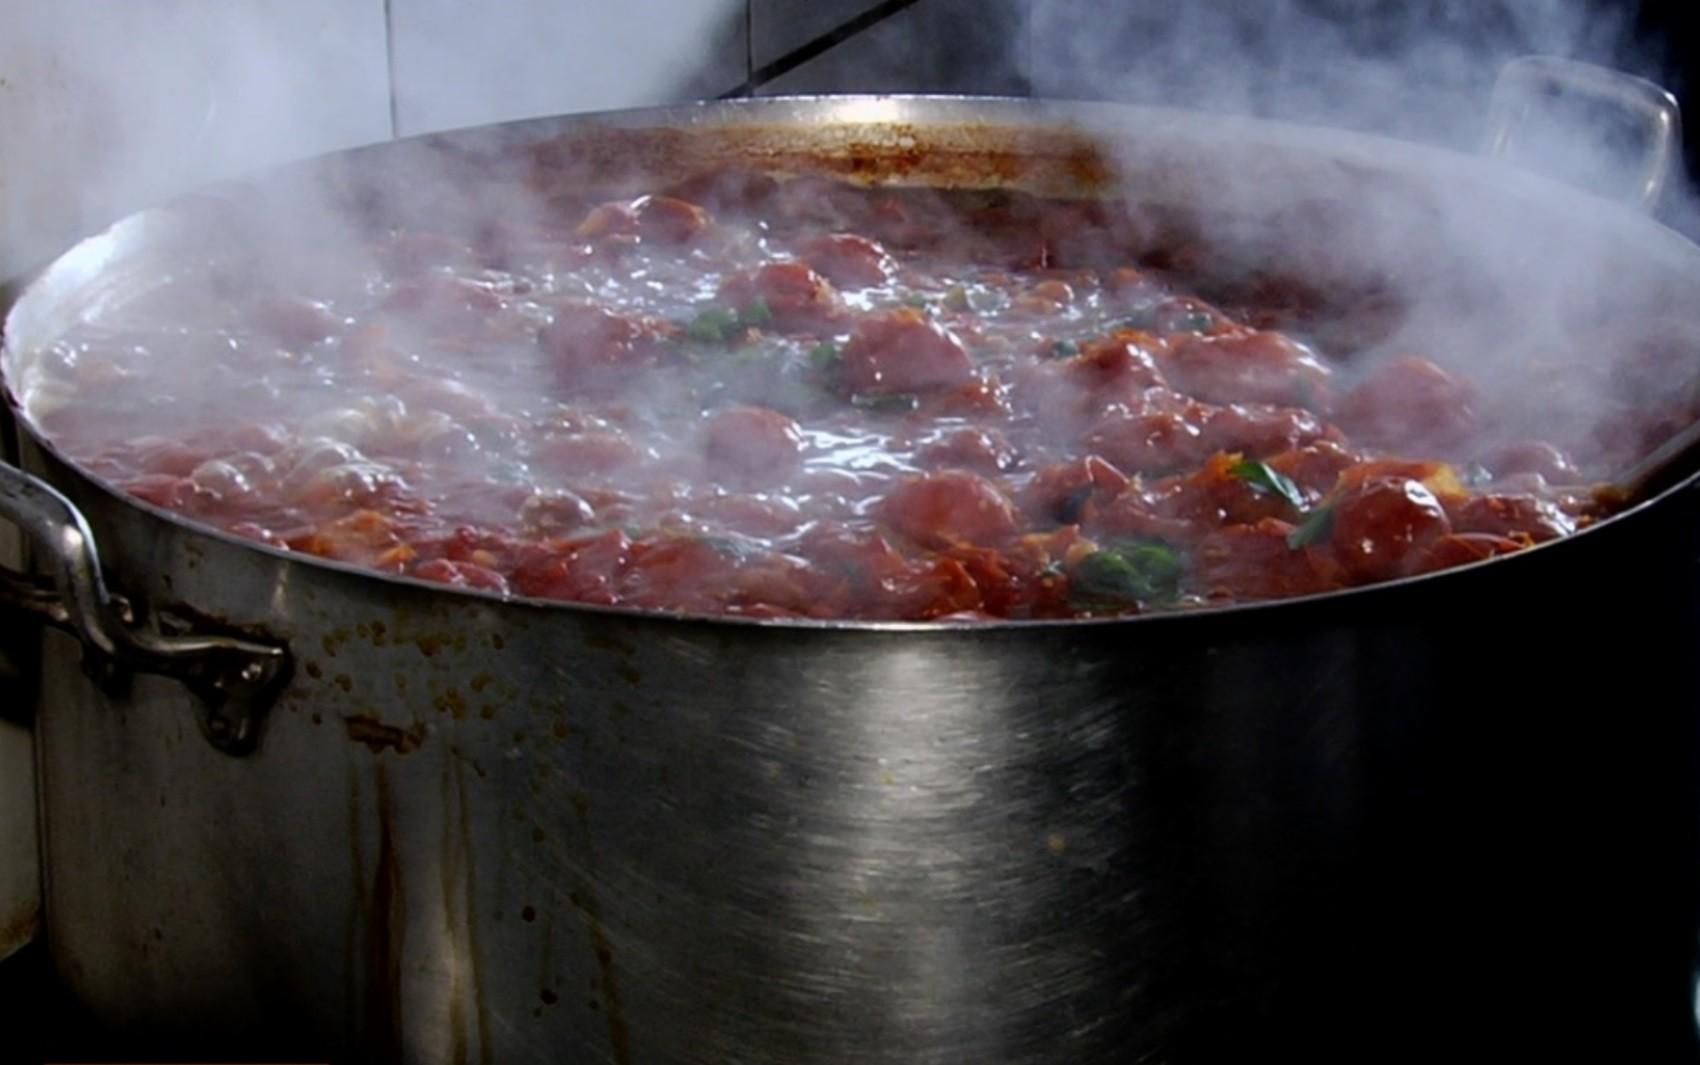 Pizzaiolo de Goiânia ensina receita de macarrão ao forno chamado de 'Penne a La Vodka'